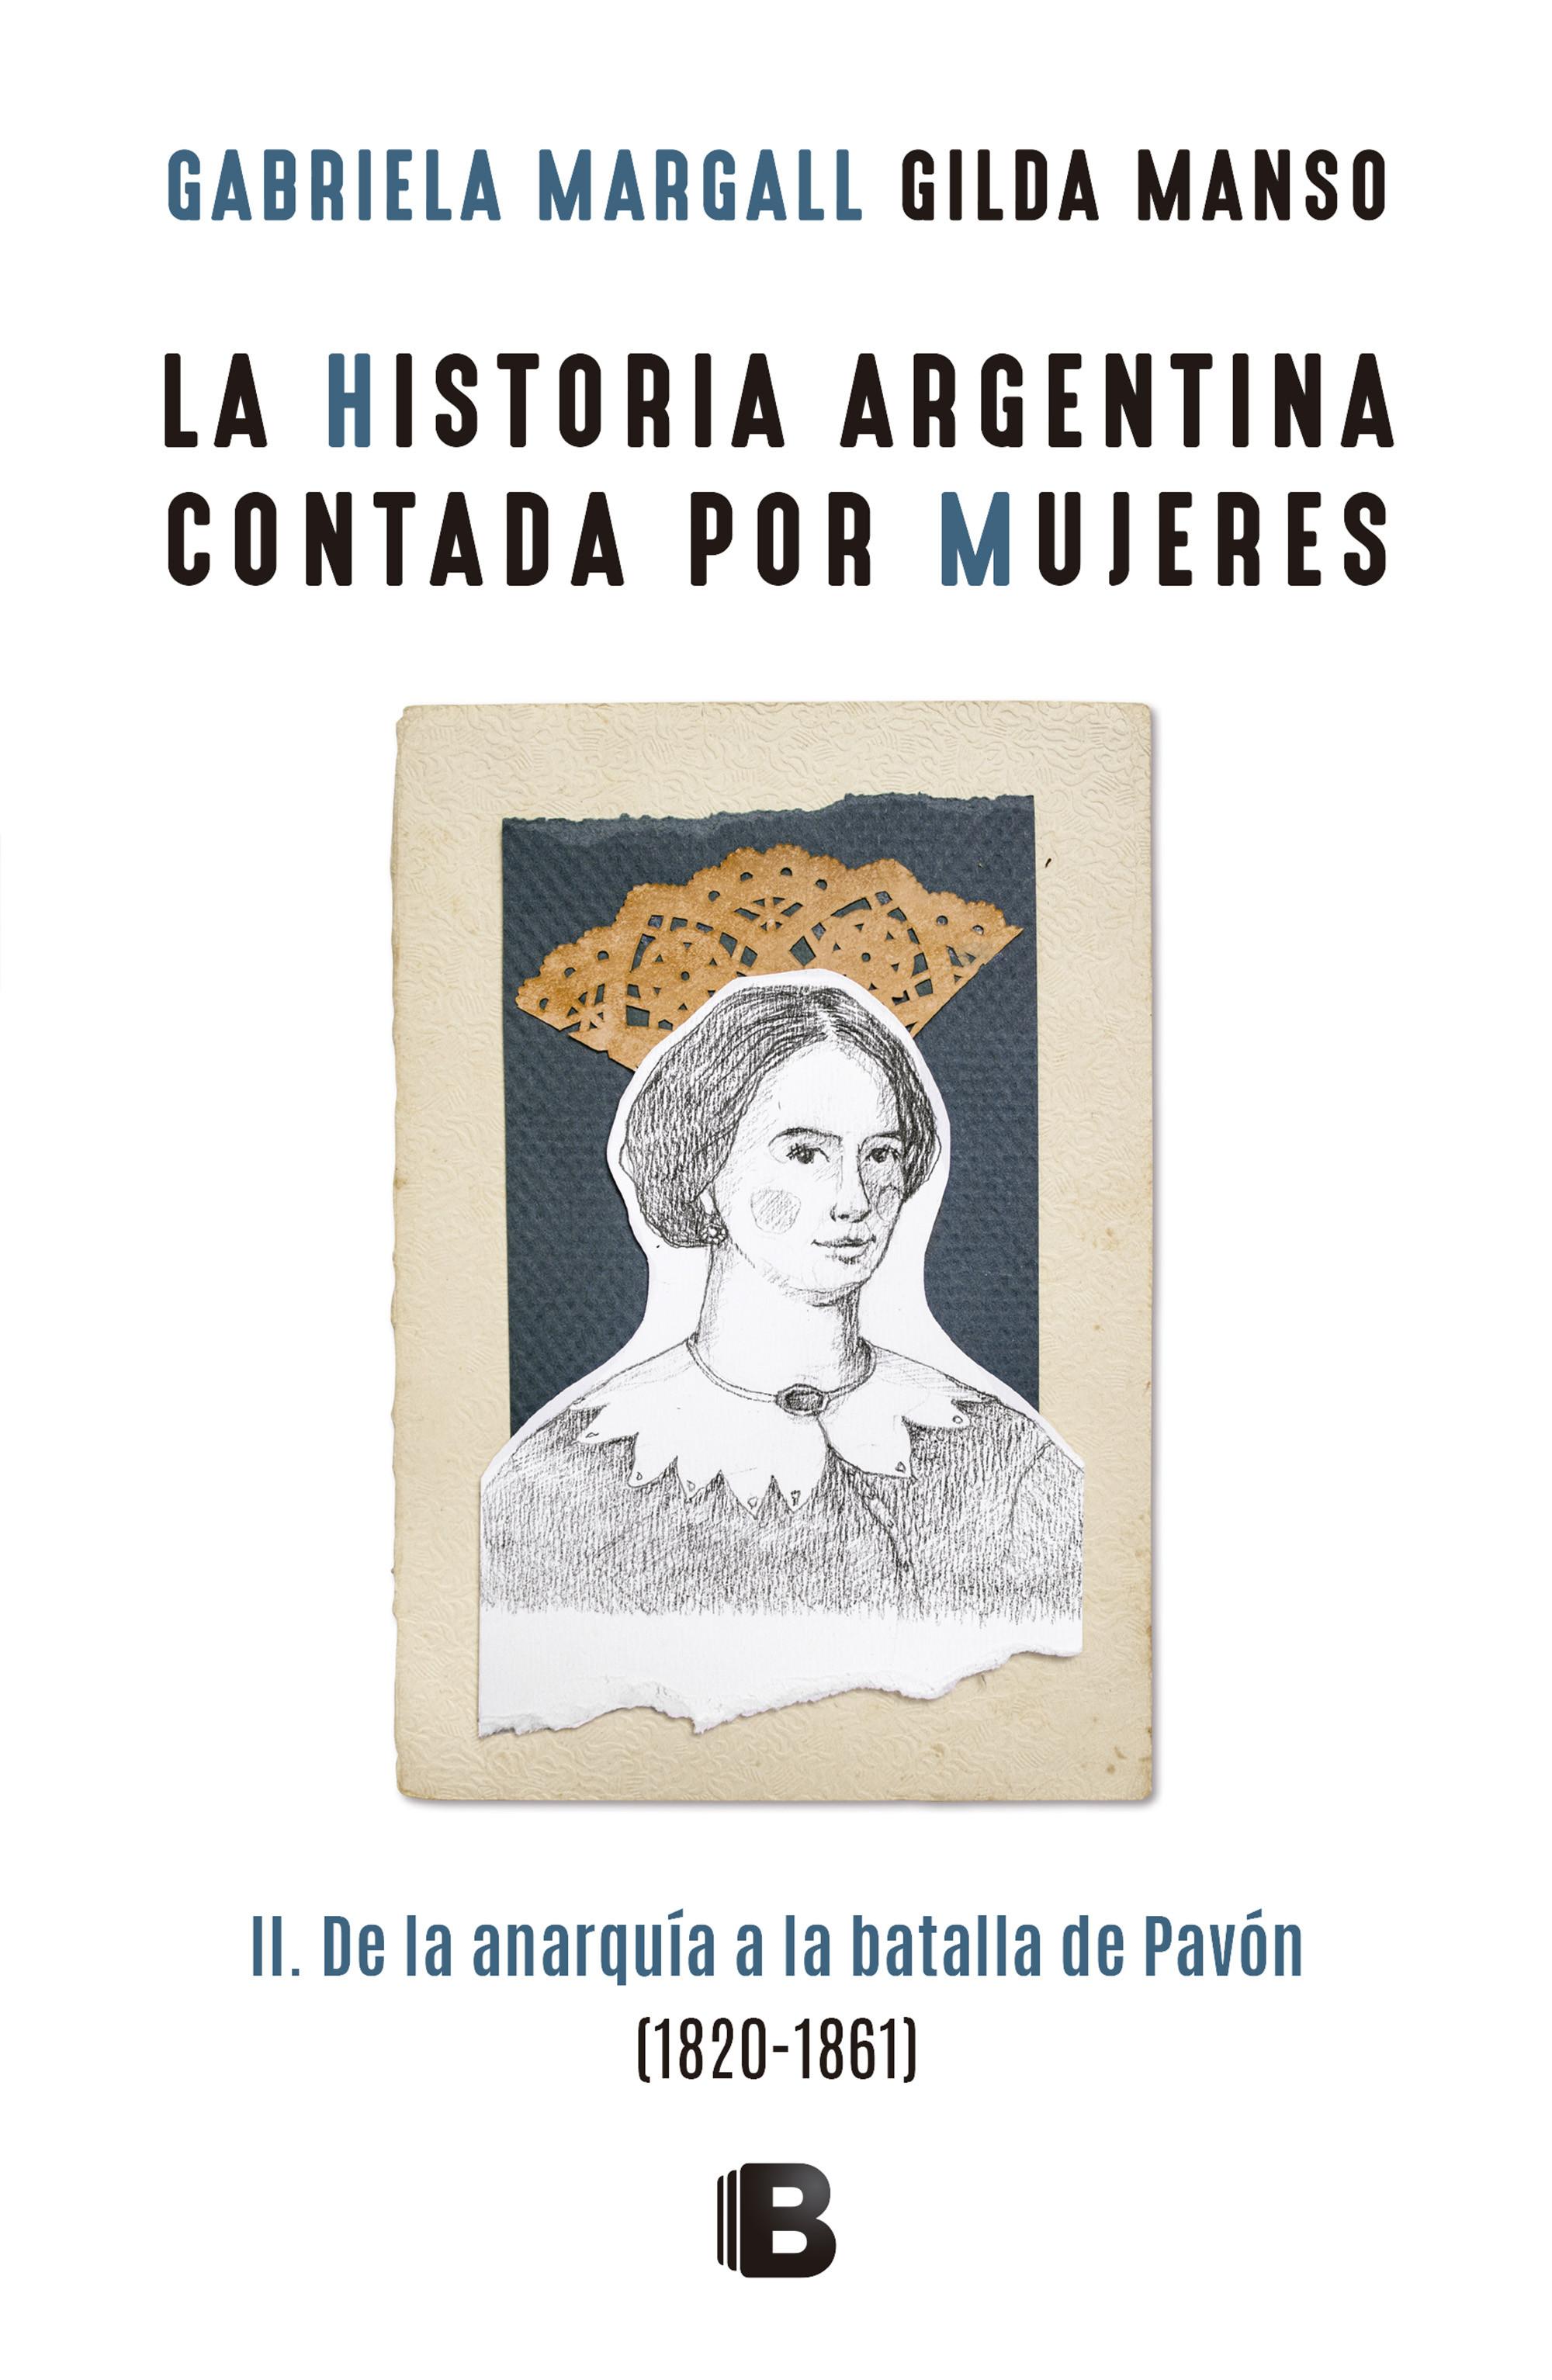 La historia argentina contada por mujeres II